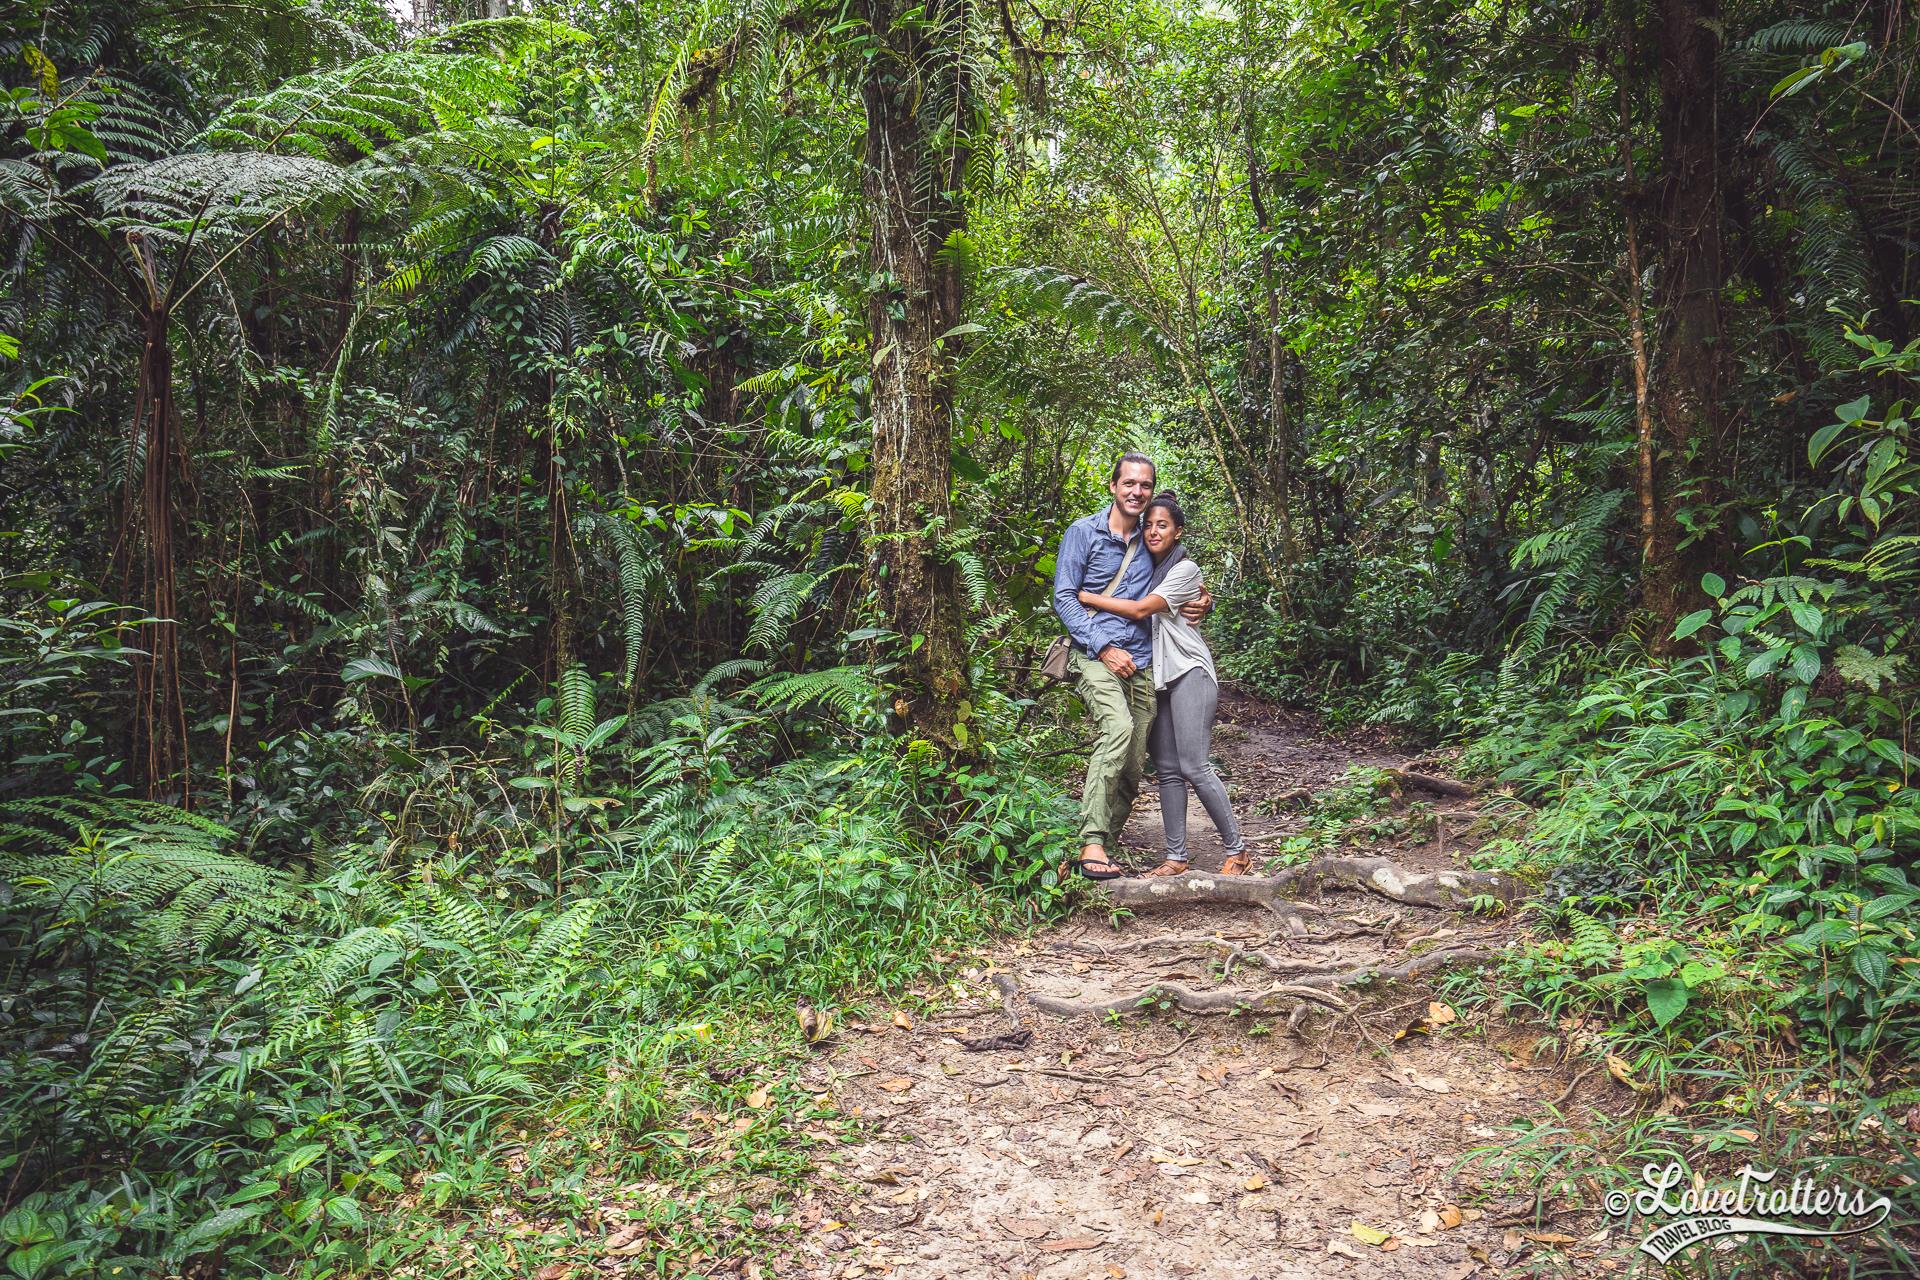 Randonnée dans la forêt aux Cameron Highlands